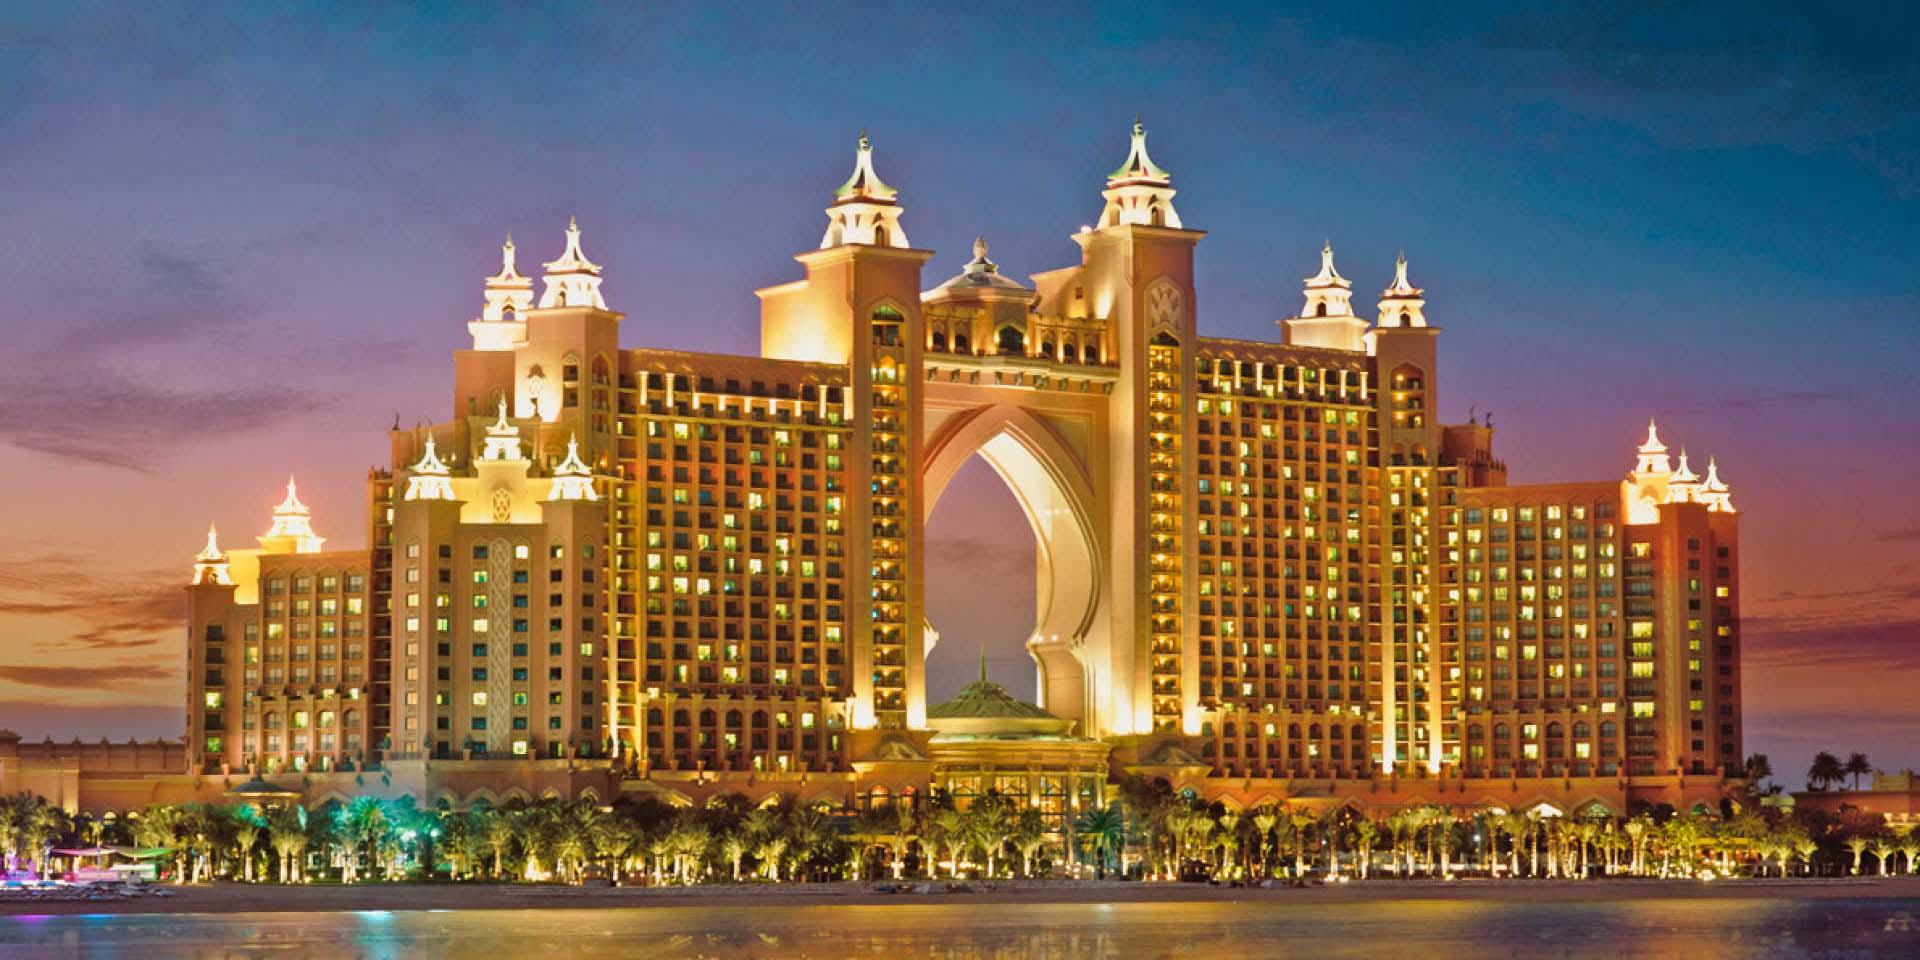 ¿Dubái tiene mucho oro como aparenta?   El Imparcial de Oaxaca